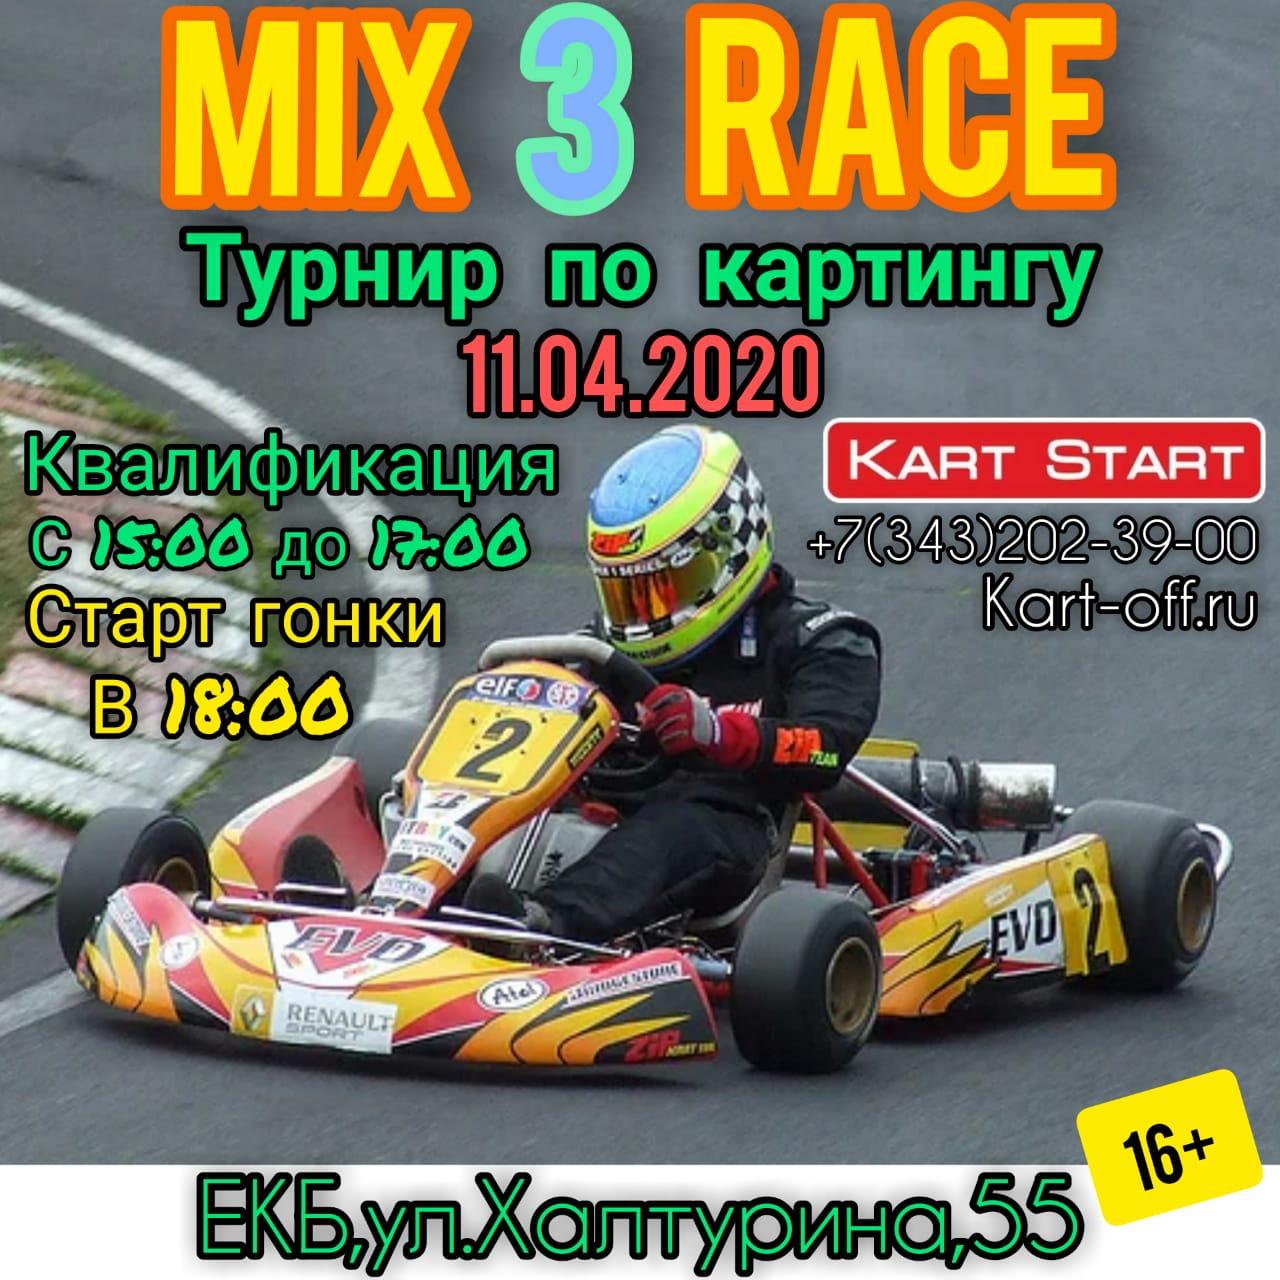 Турнир по картингу MIX RACE 3